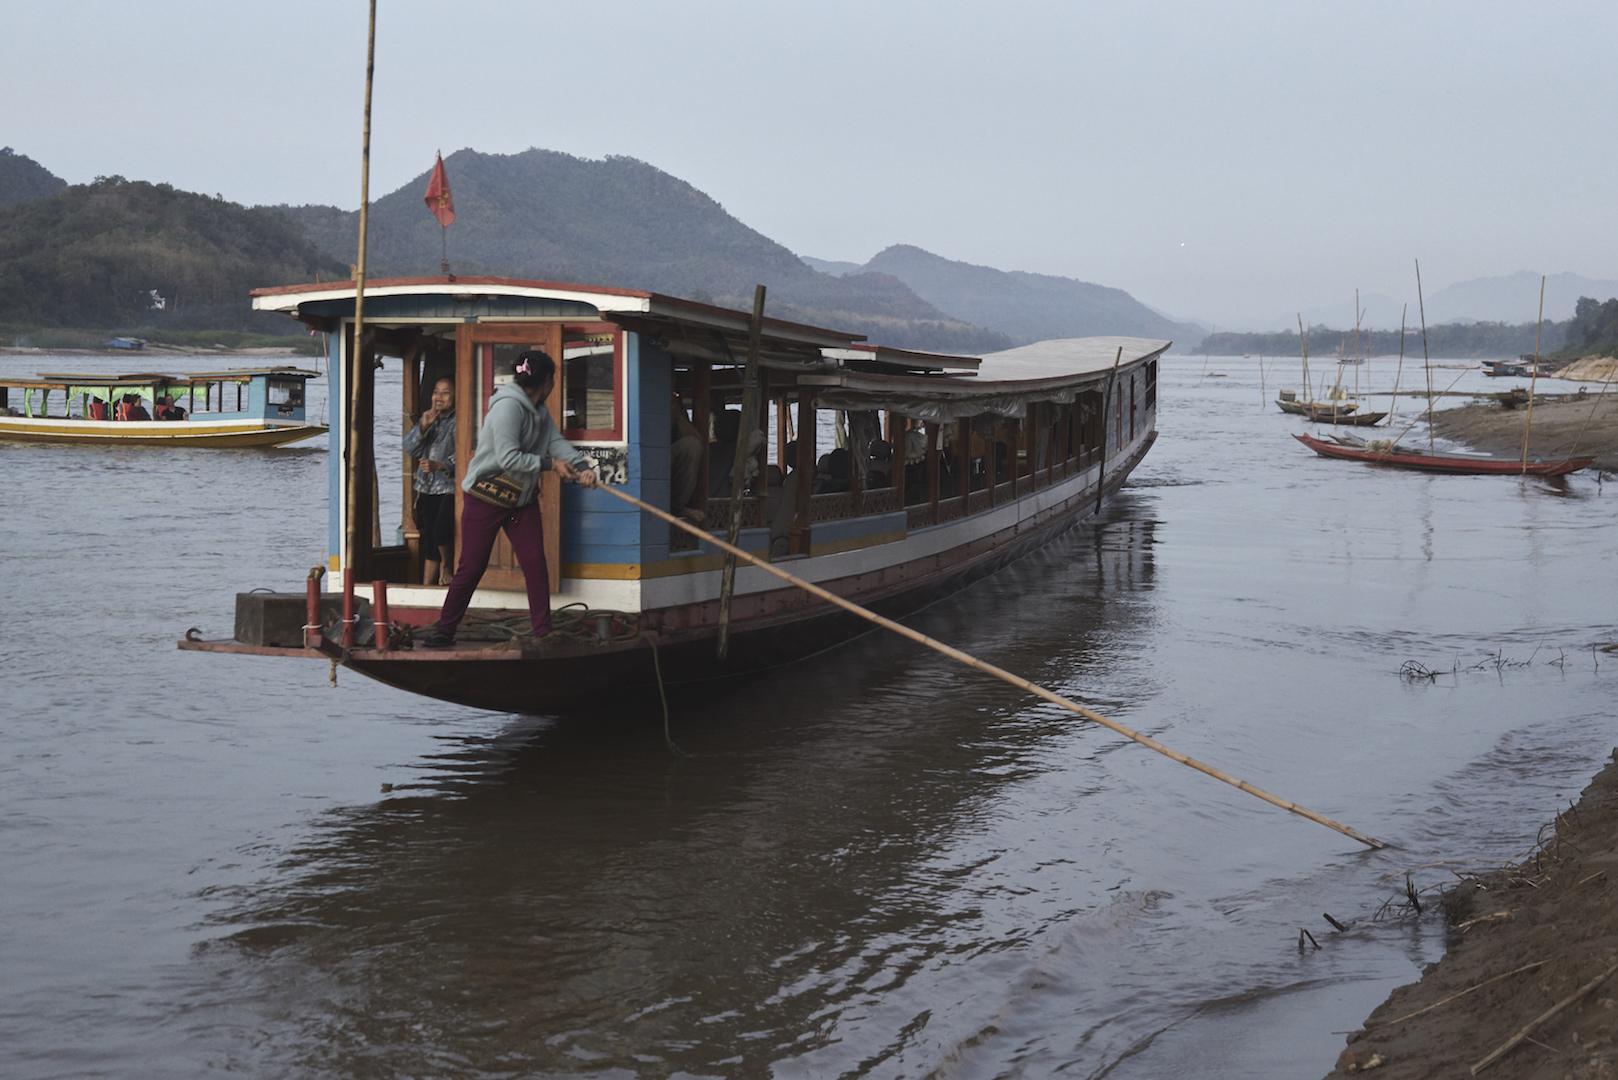 Khasar_S_SlowBoatDeparture_LuangPrabang_Laos_Winter_2014.jpg